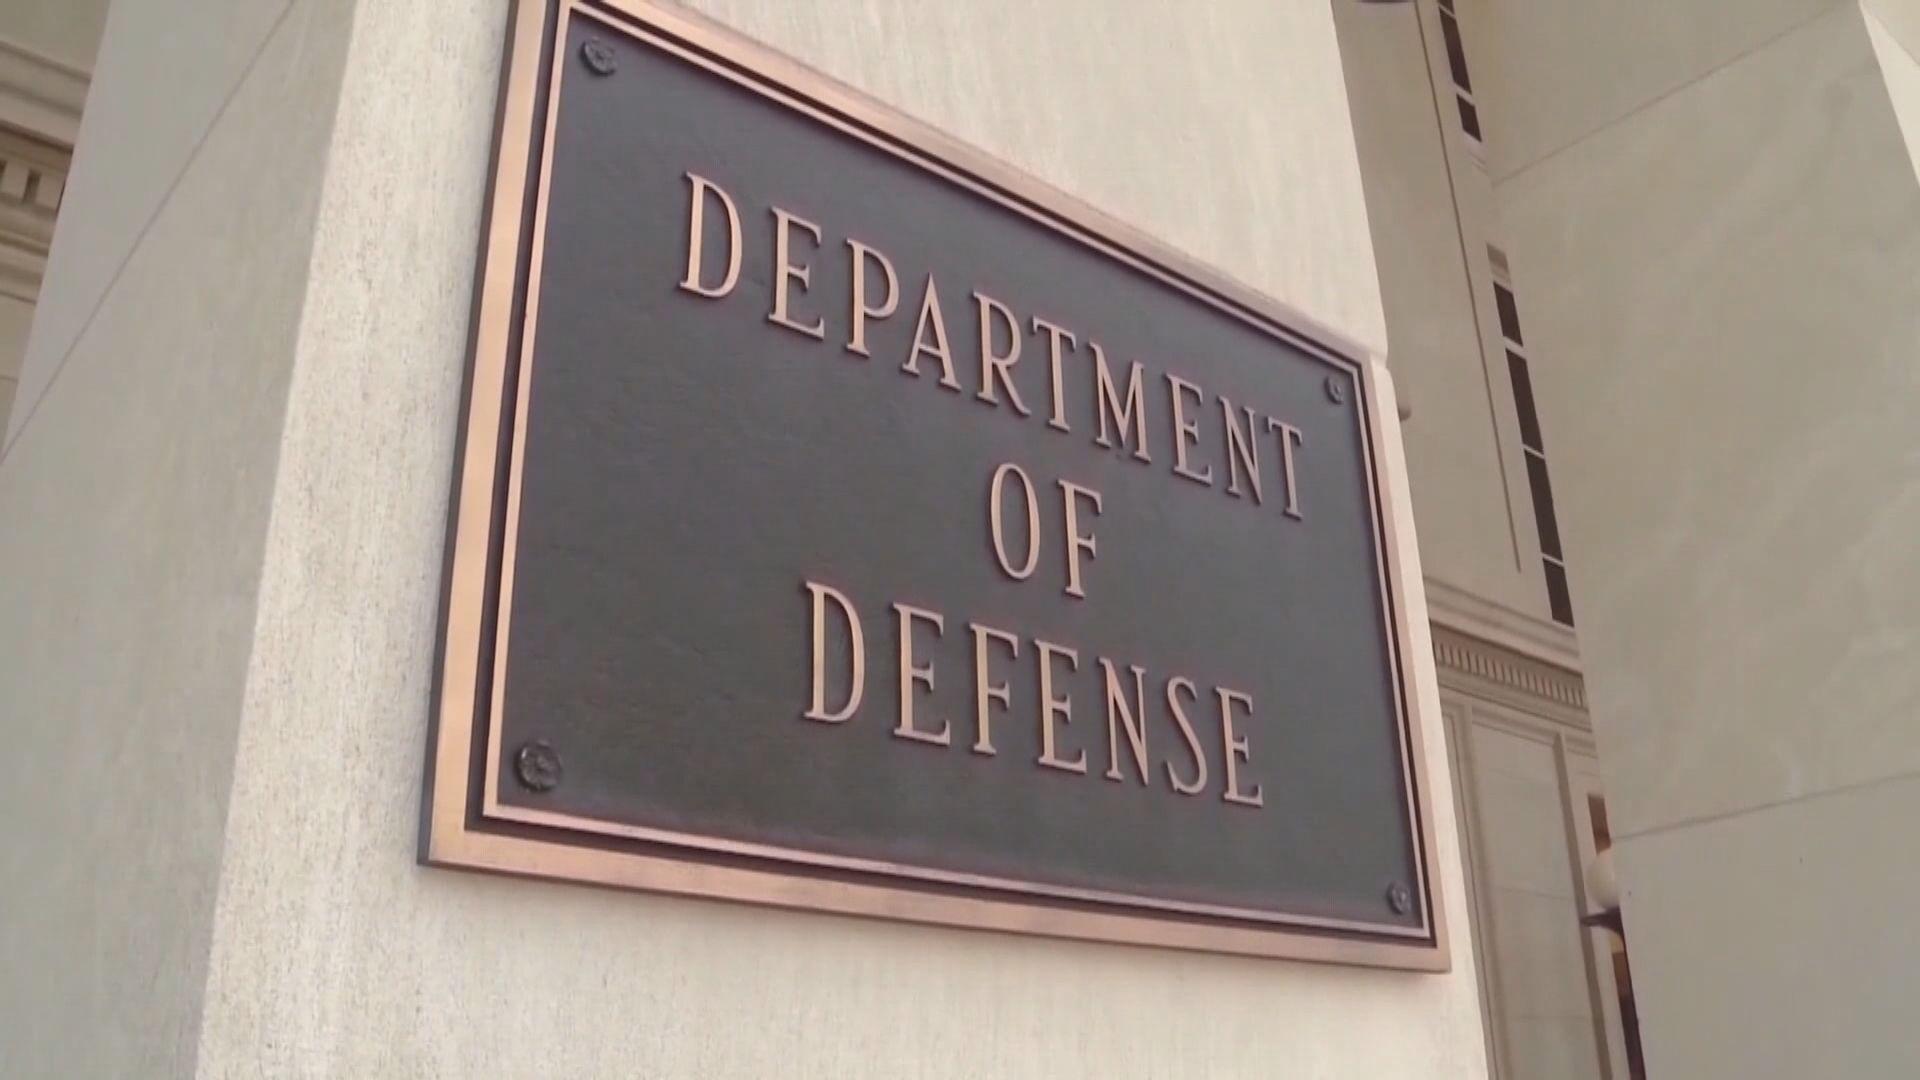 據報美國正編製與解放軍相關企業名單